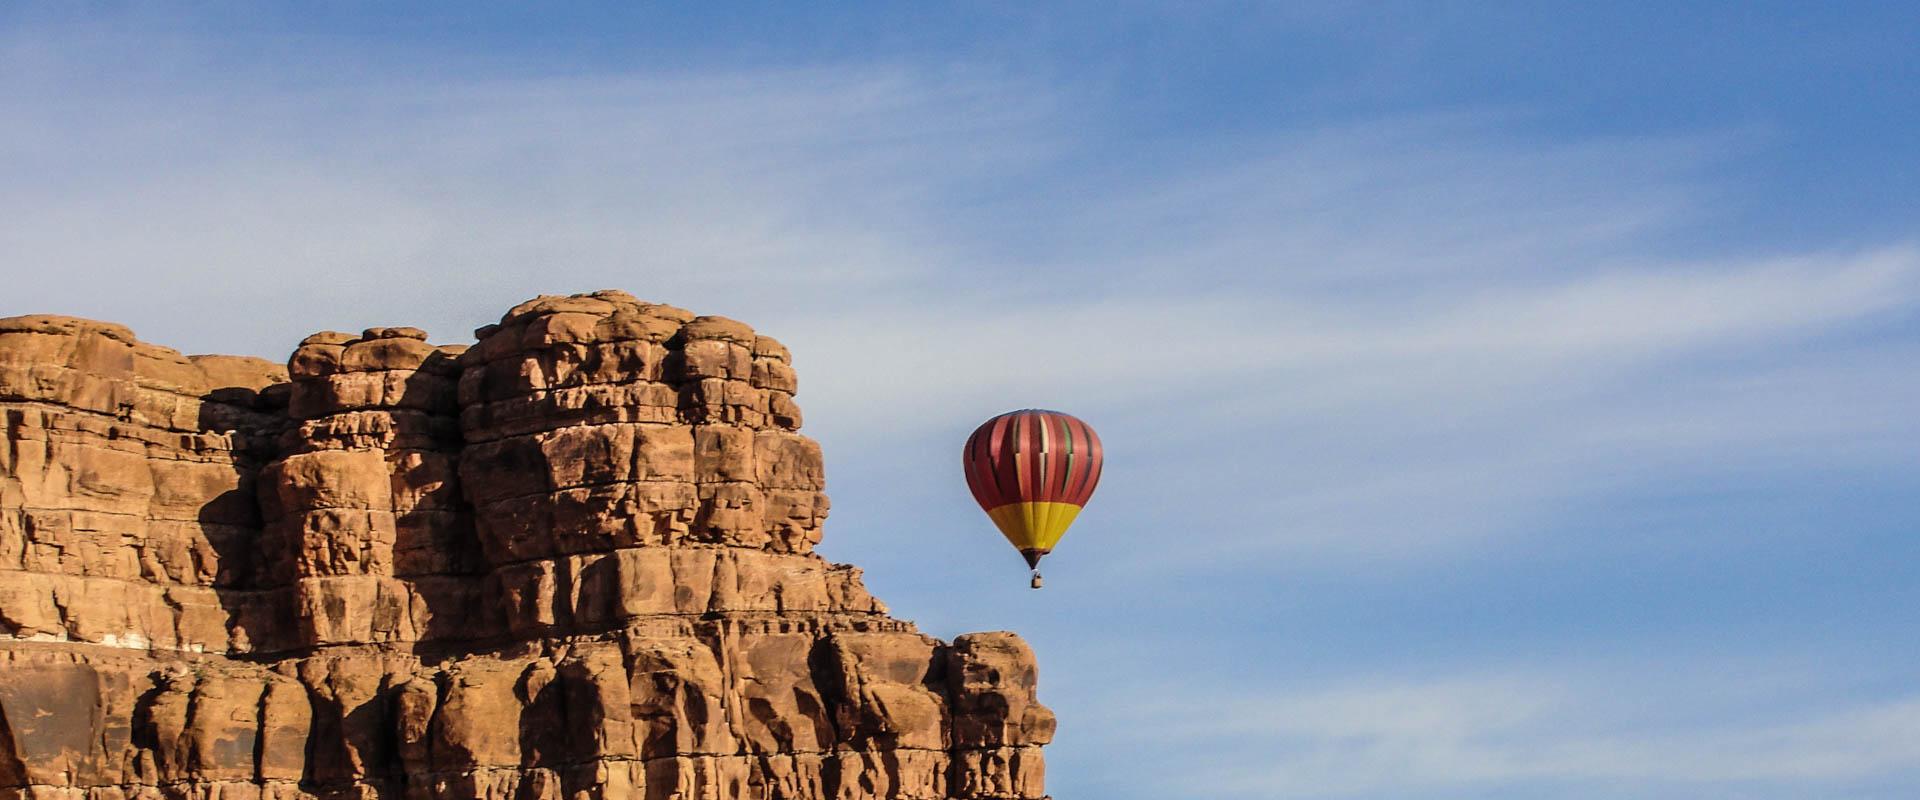 Monument Valley Arizona Hot Air Ballon Trip